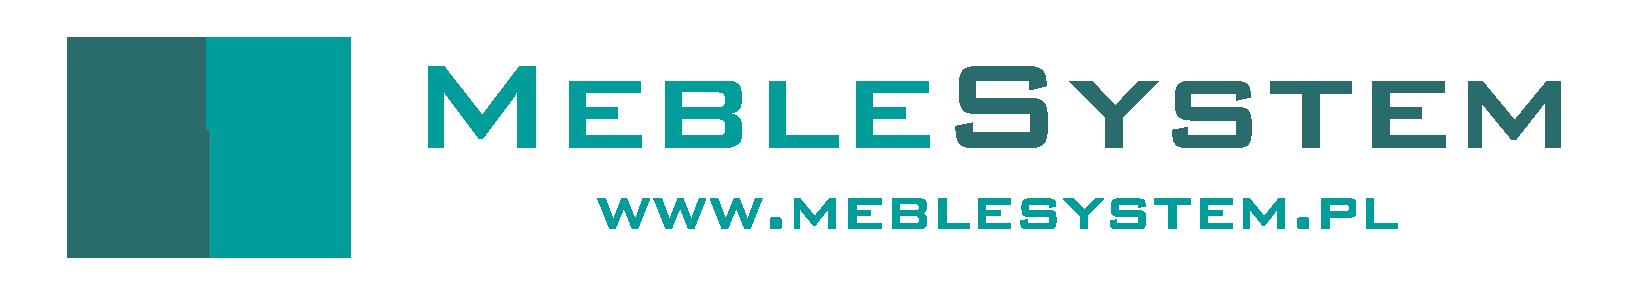 MebleSystem